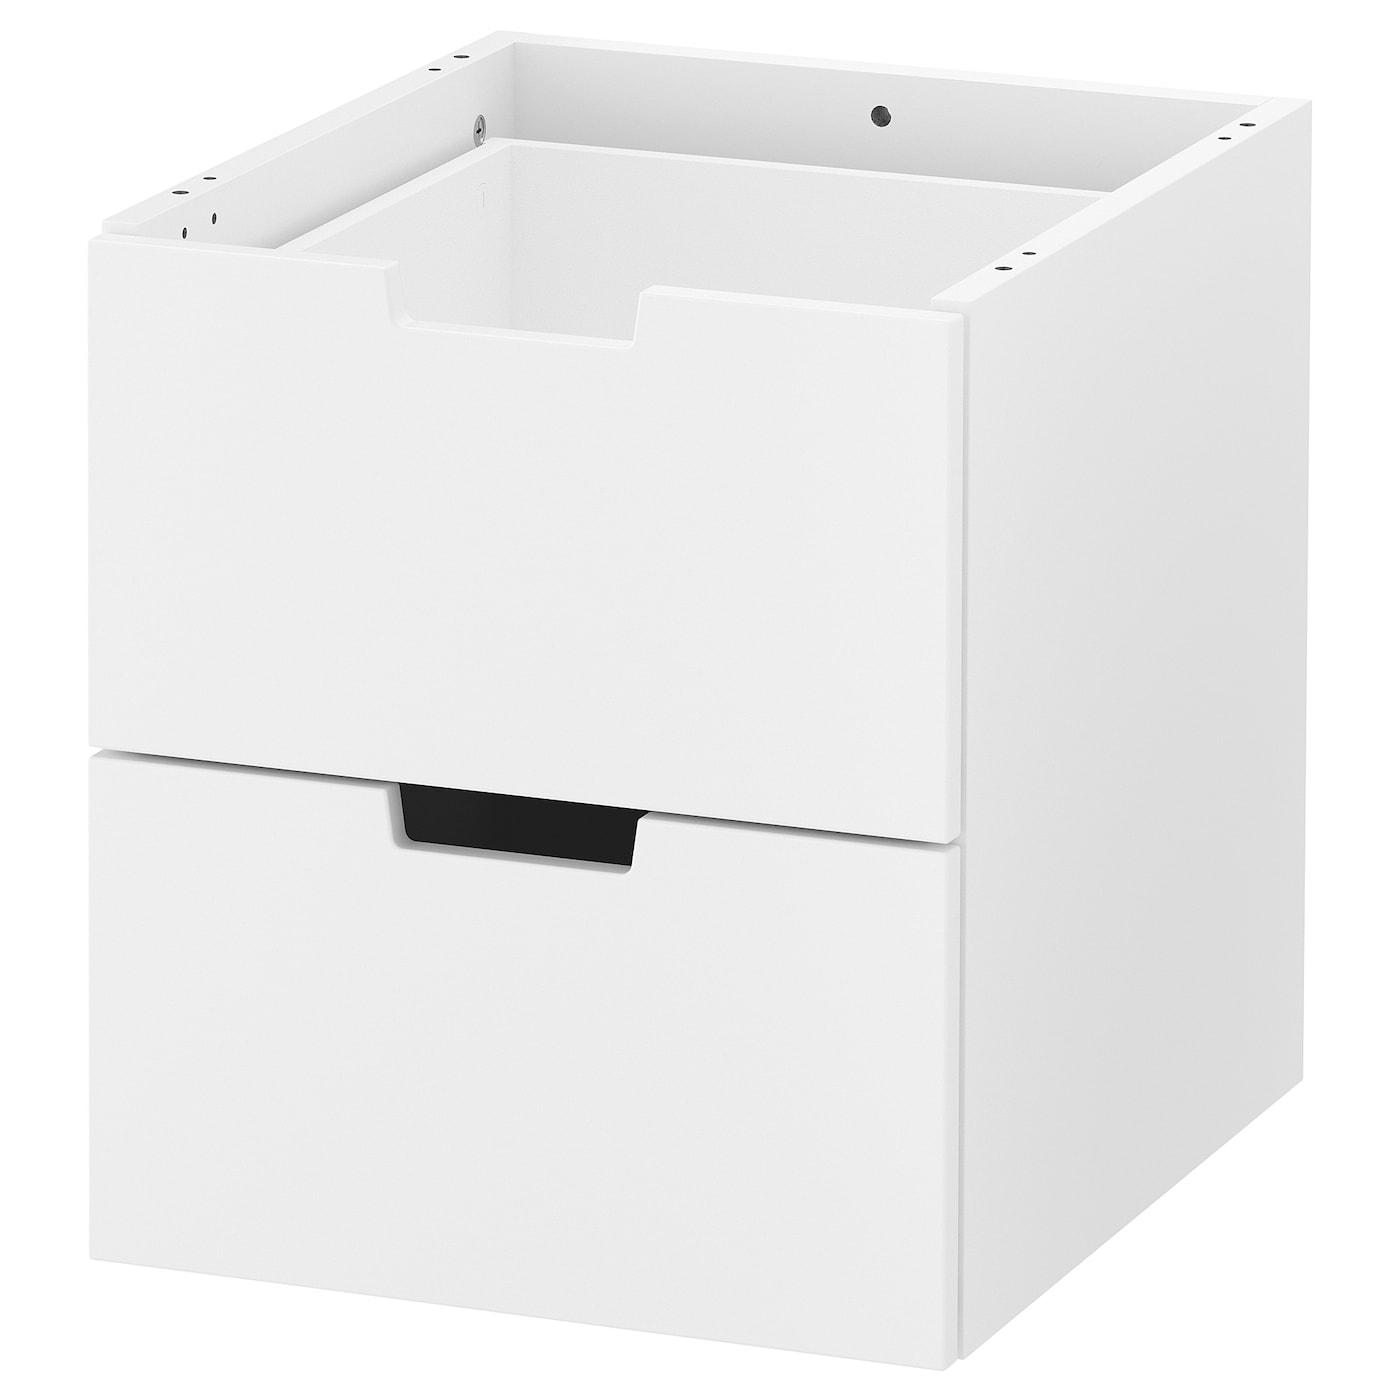 IKEA NORDLI Komoda modułowa/2 szuflady, biały, 40x45 cm